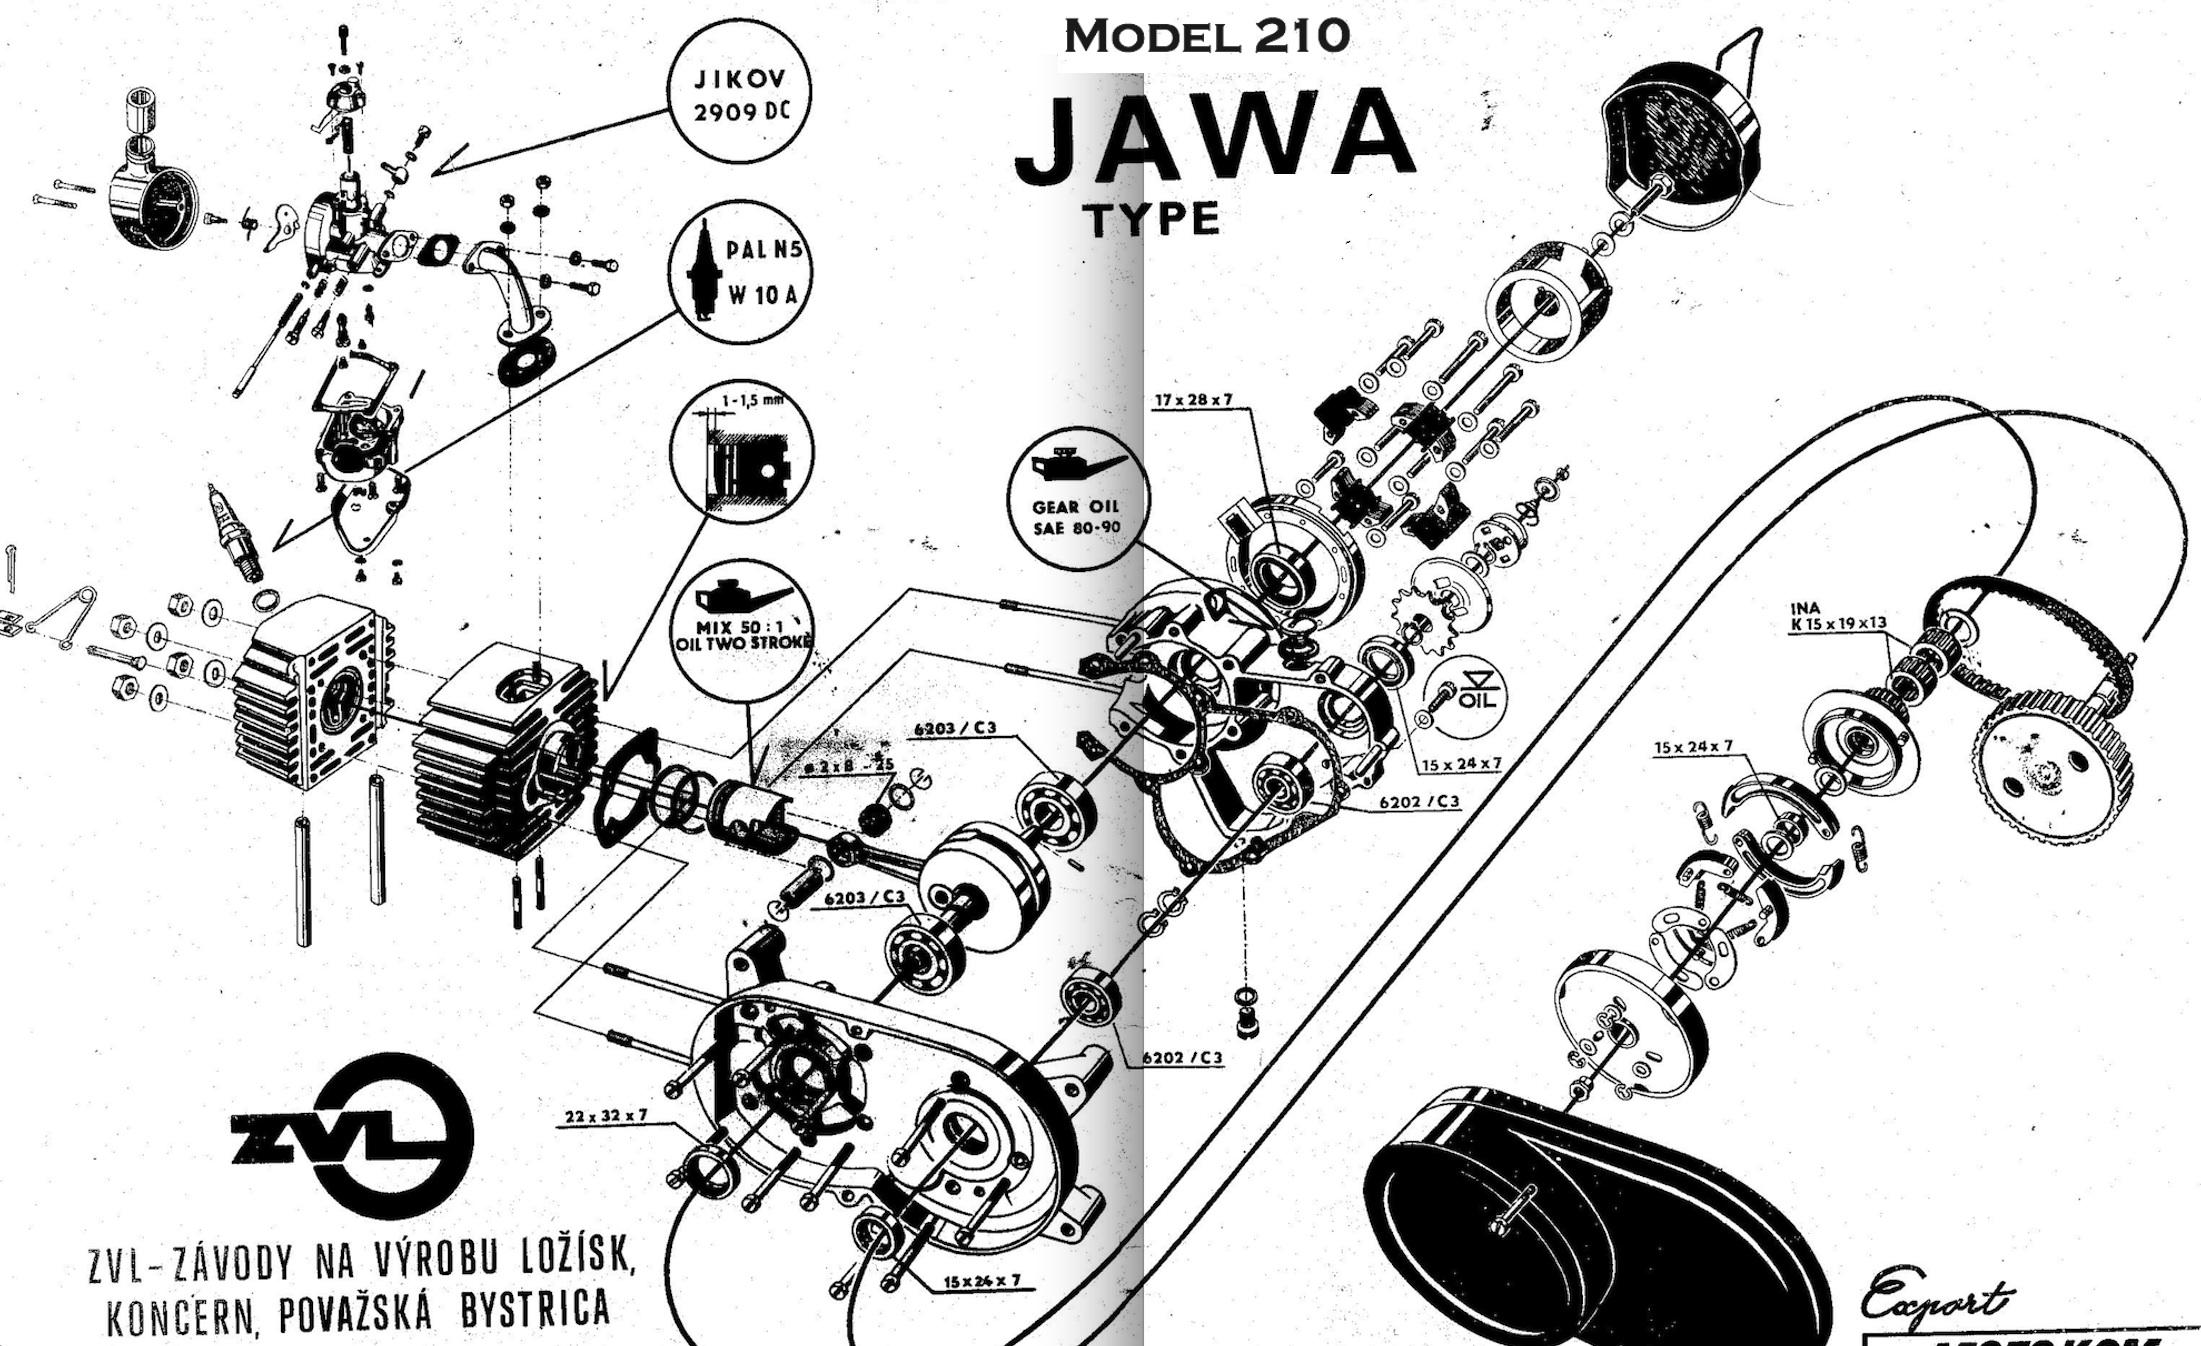 Jawa Wiring Diagram